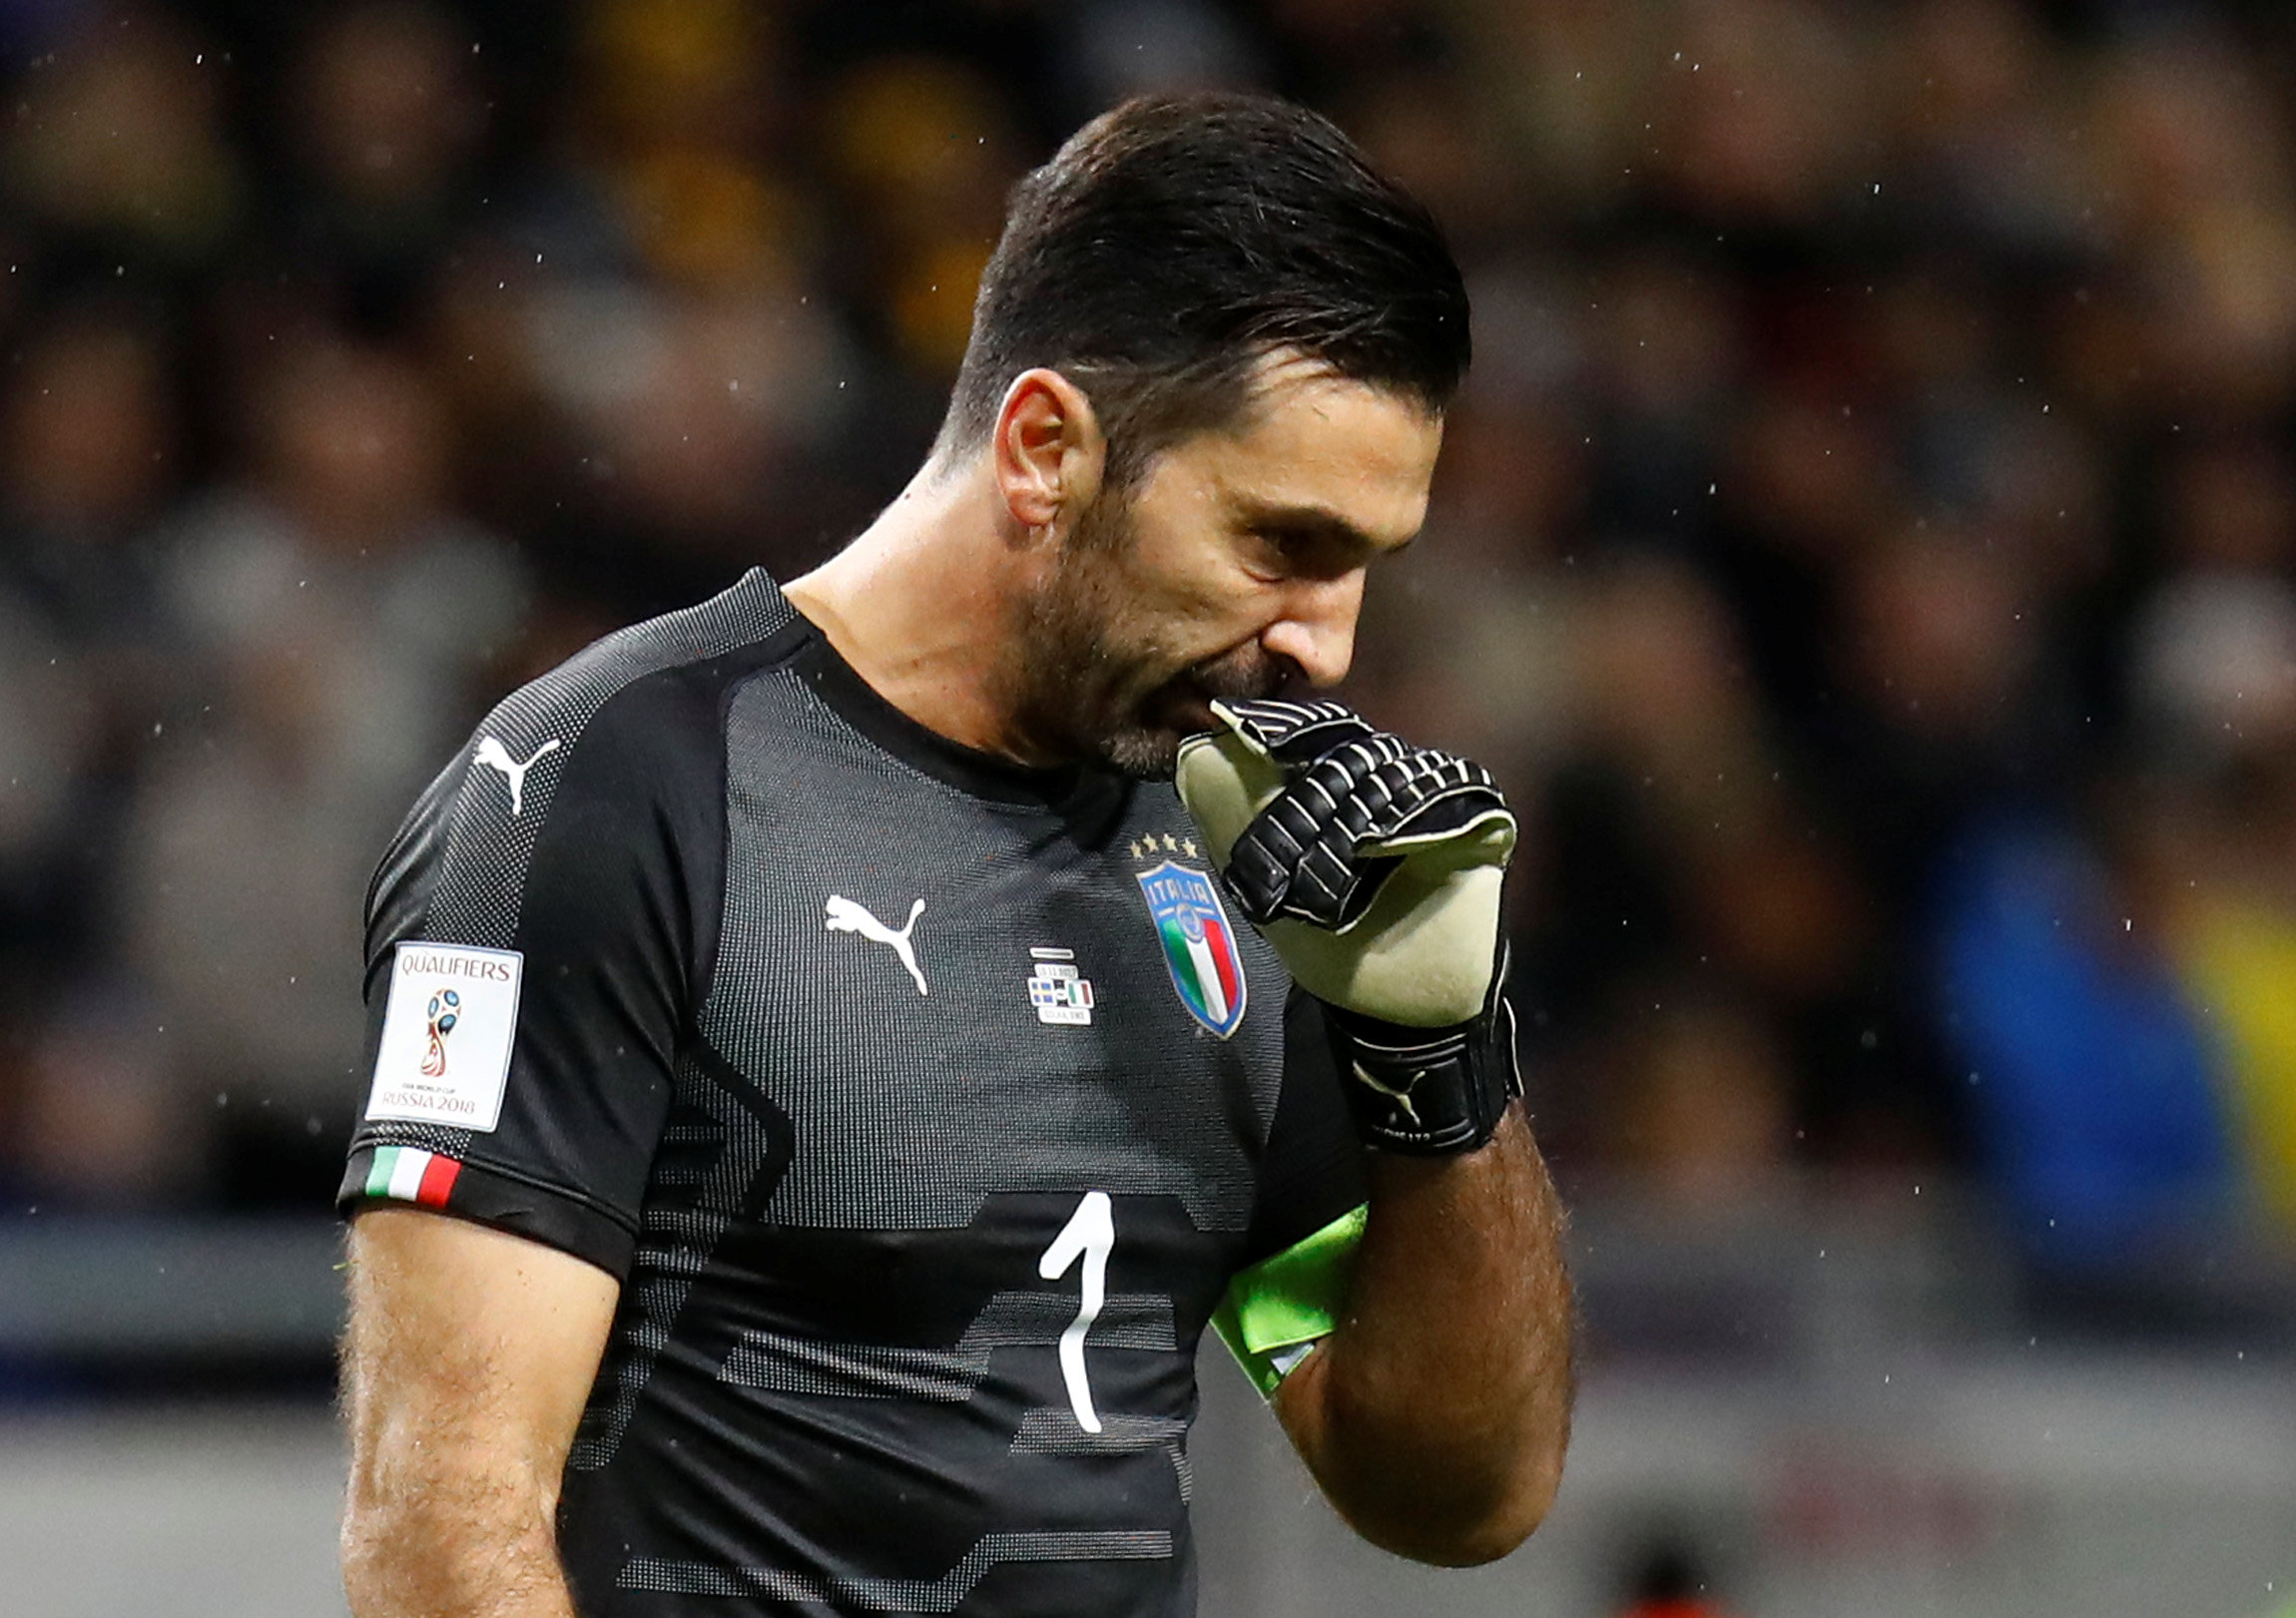 Nỗi thất vọng của thủ thành Buffon sau khi tuyển Ý thất bại. Ảnh: REUTERS